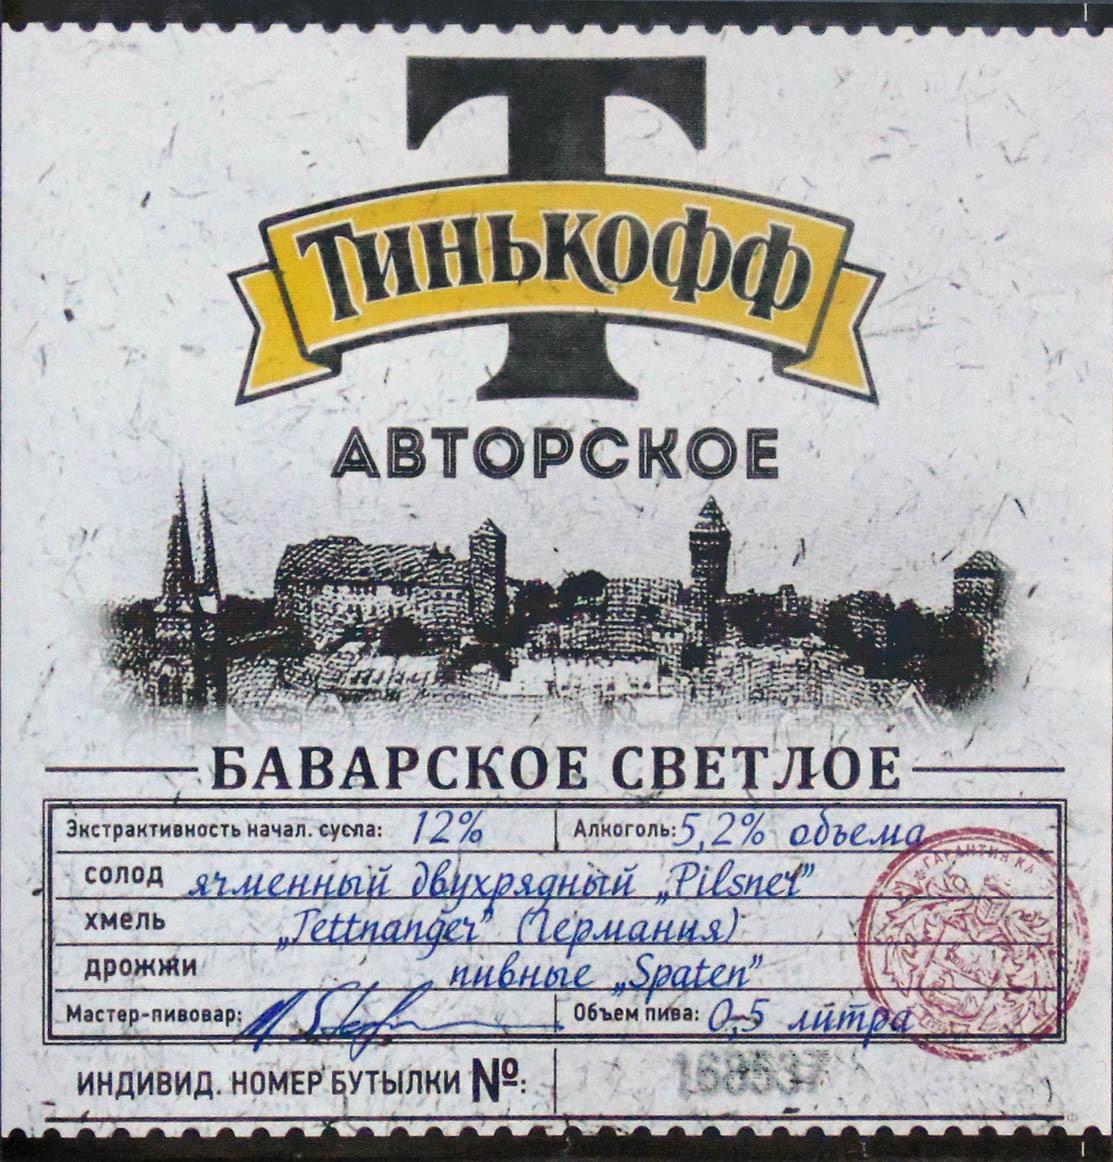 foto-lesbiyanok-v-reklame-piva-tinkoff